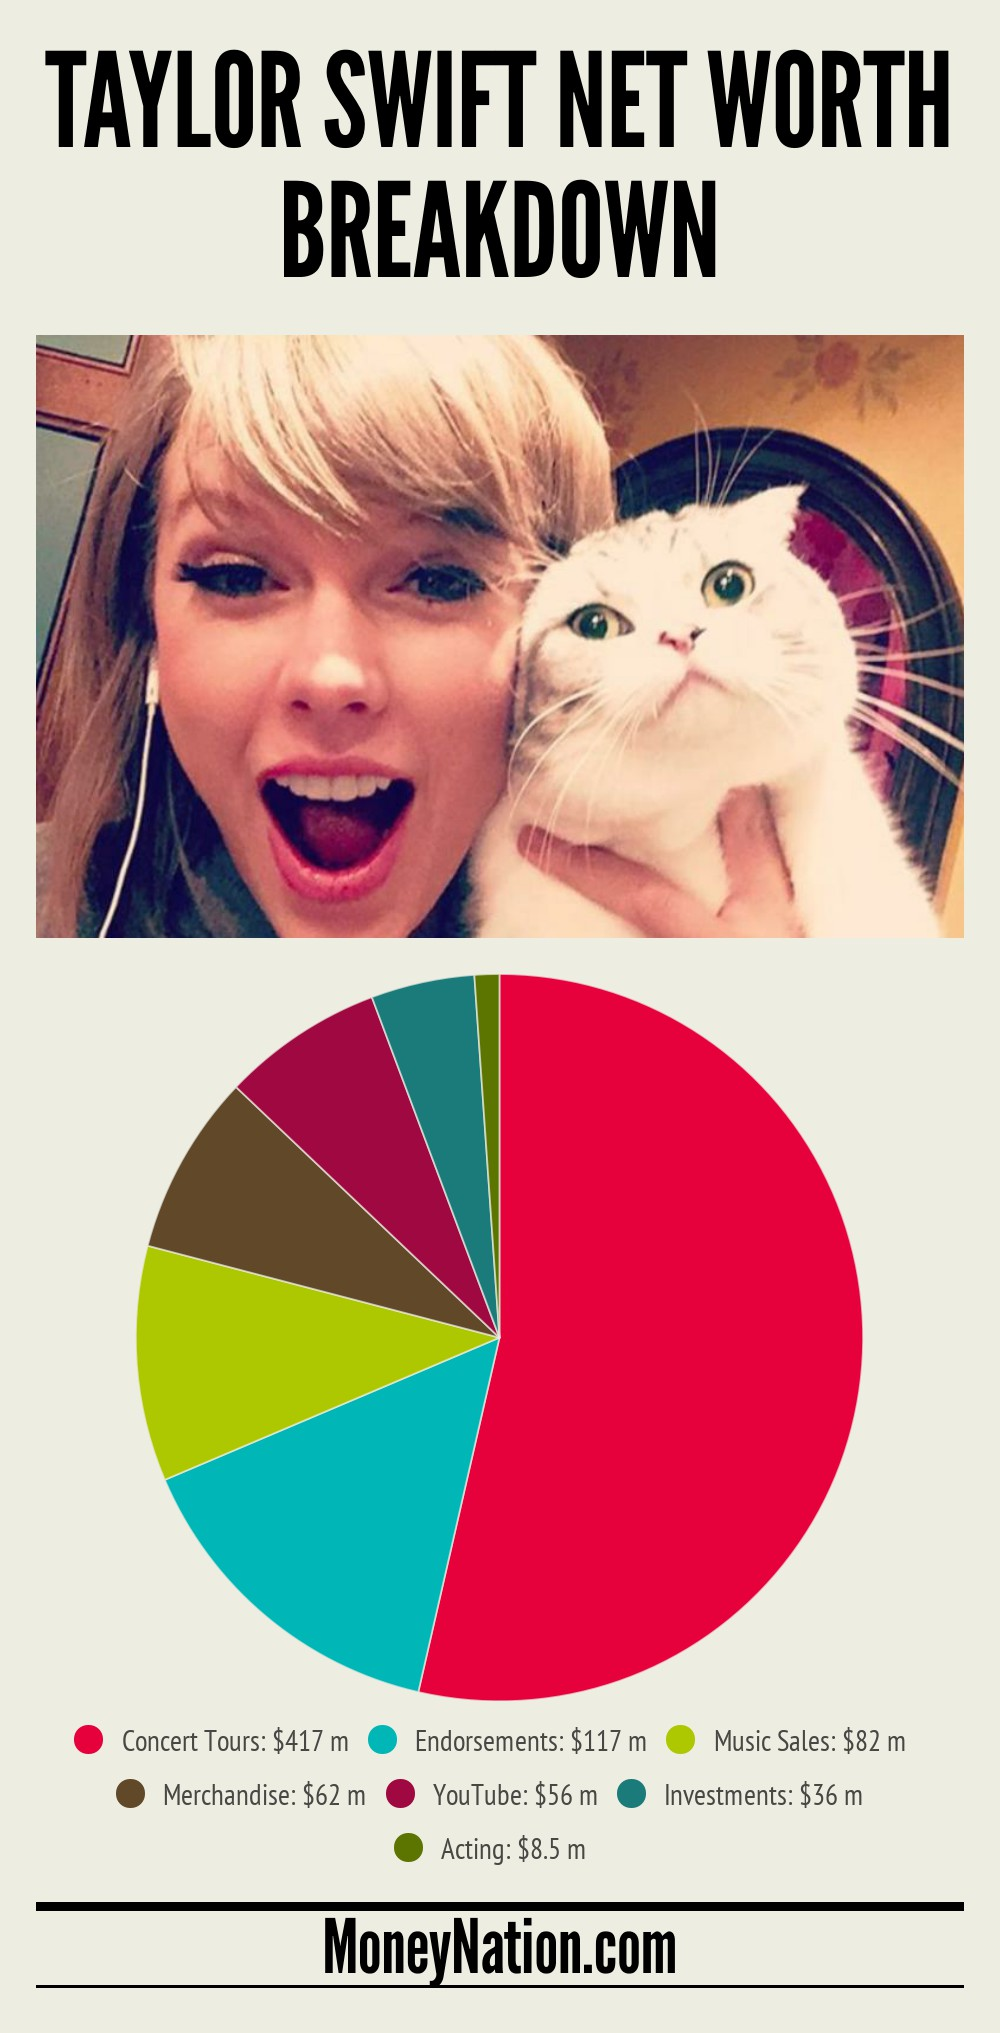 Taylor Swift Net Worth Breakdown